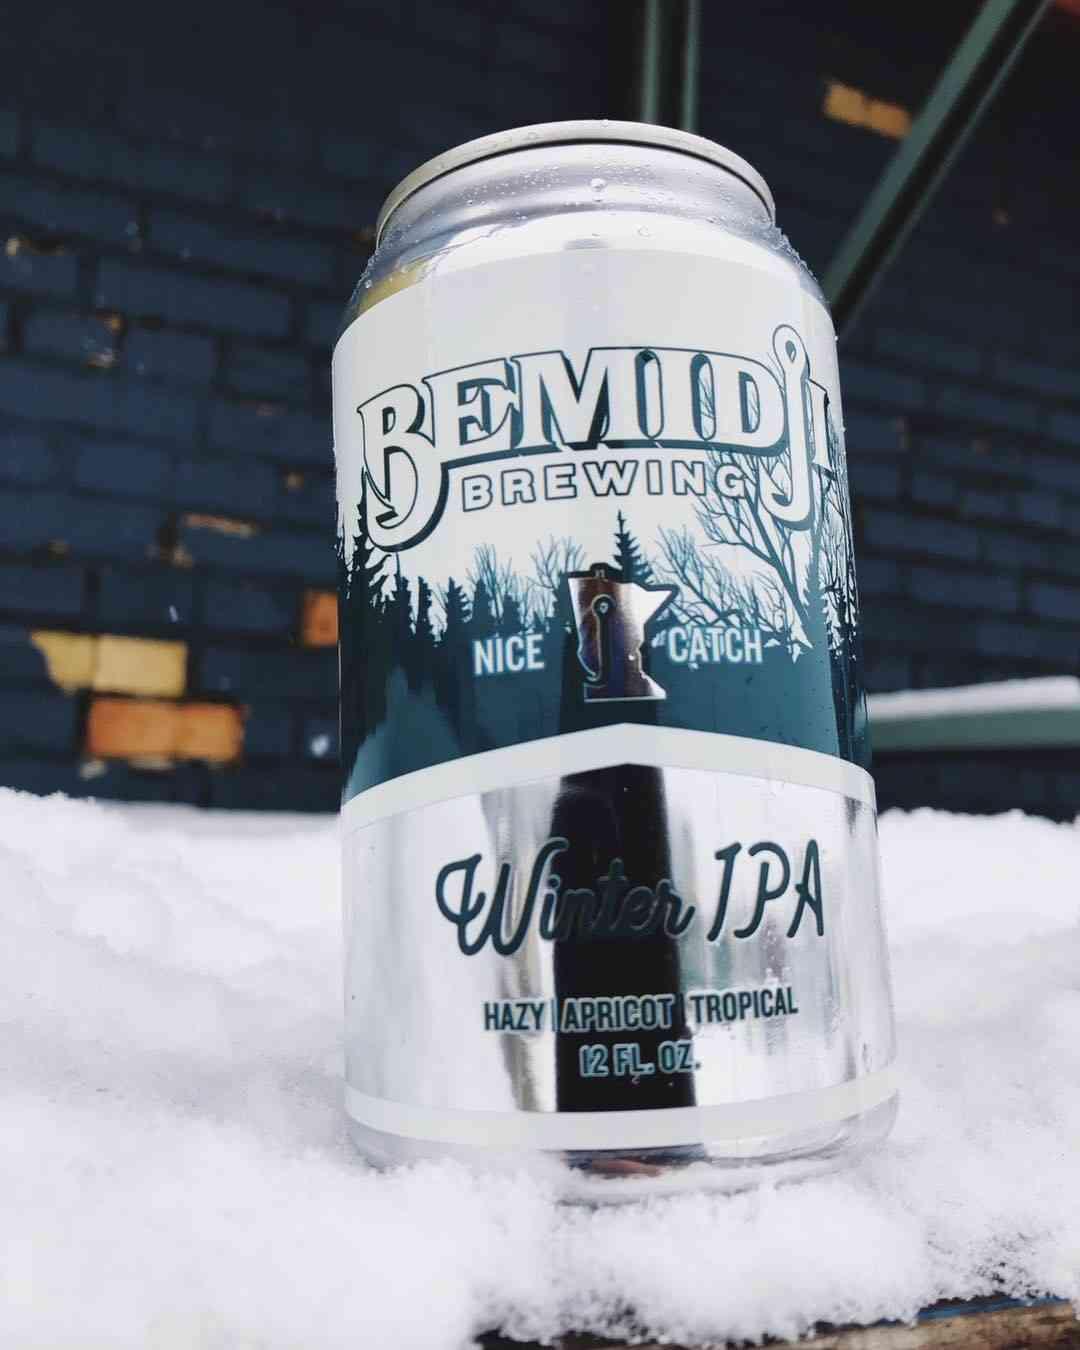 Bemidji Winter, NE IPA